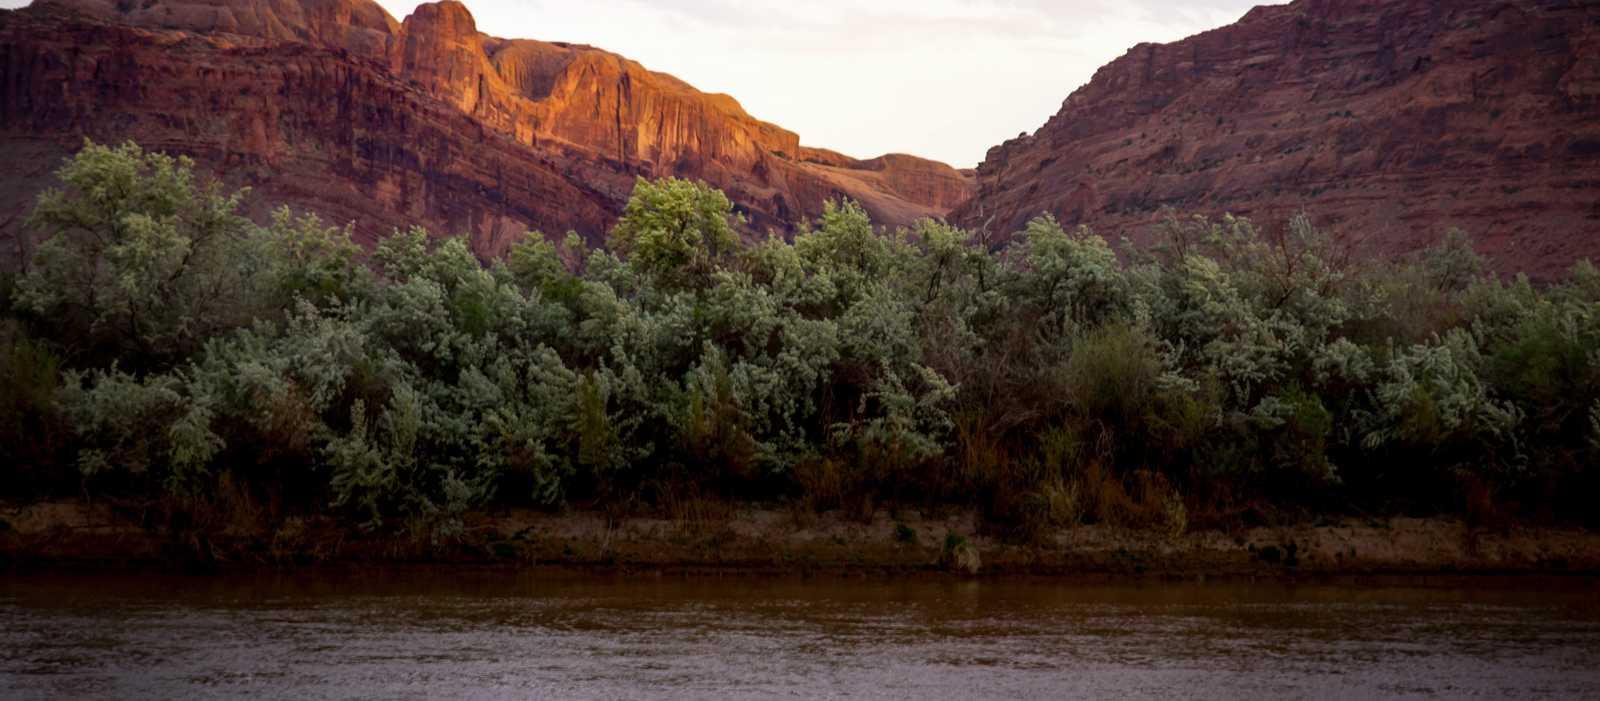 Tolle Momentaufnahmen während einer Sunset Jet Boat Tour auf dem Colorado River in Moab